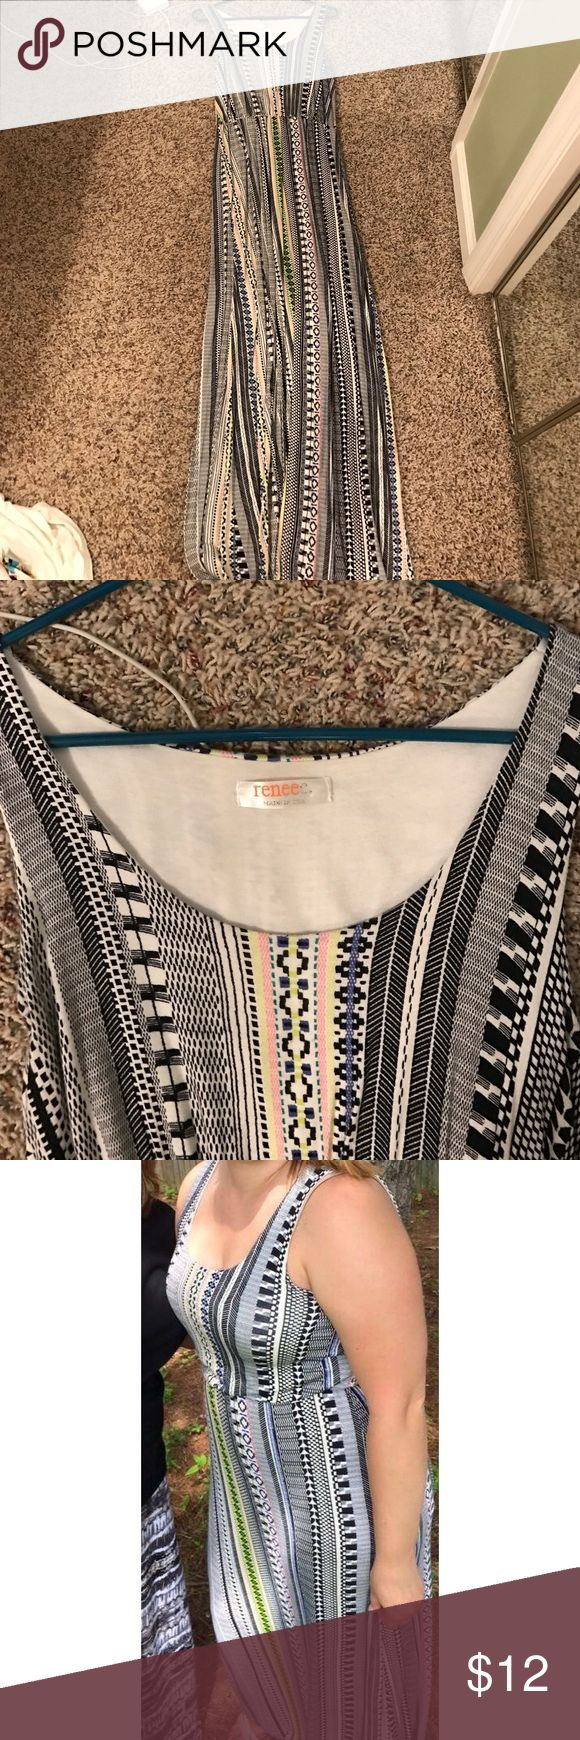 Stitch Fix Maxi Dress Worn one time Dresses Maxi